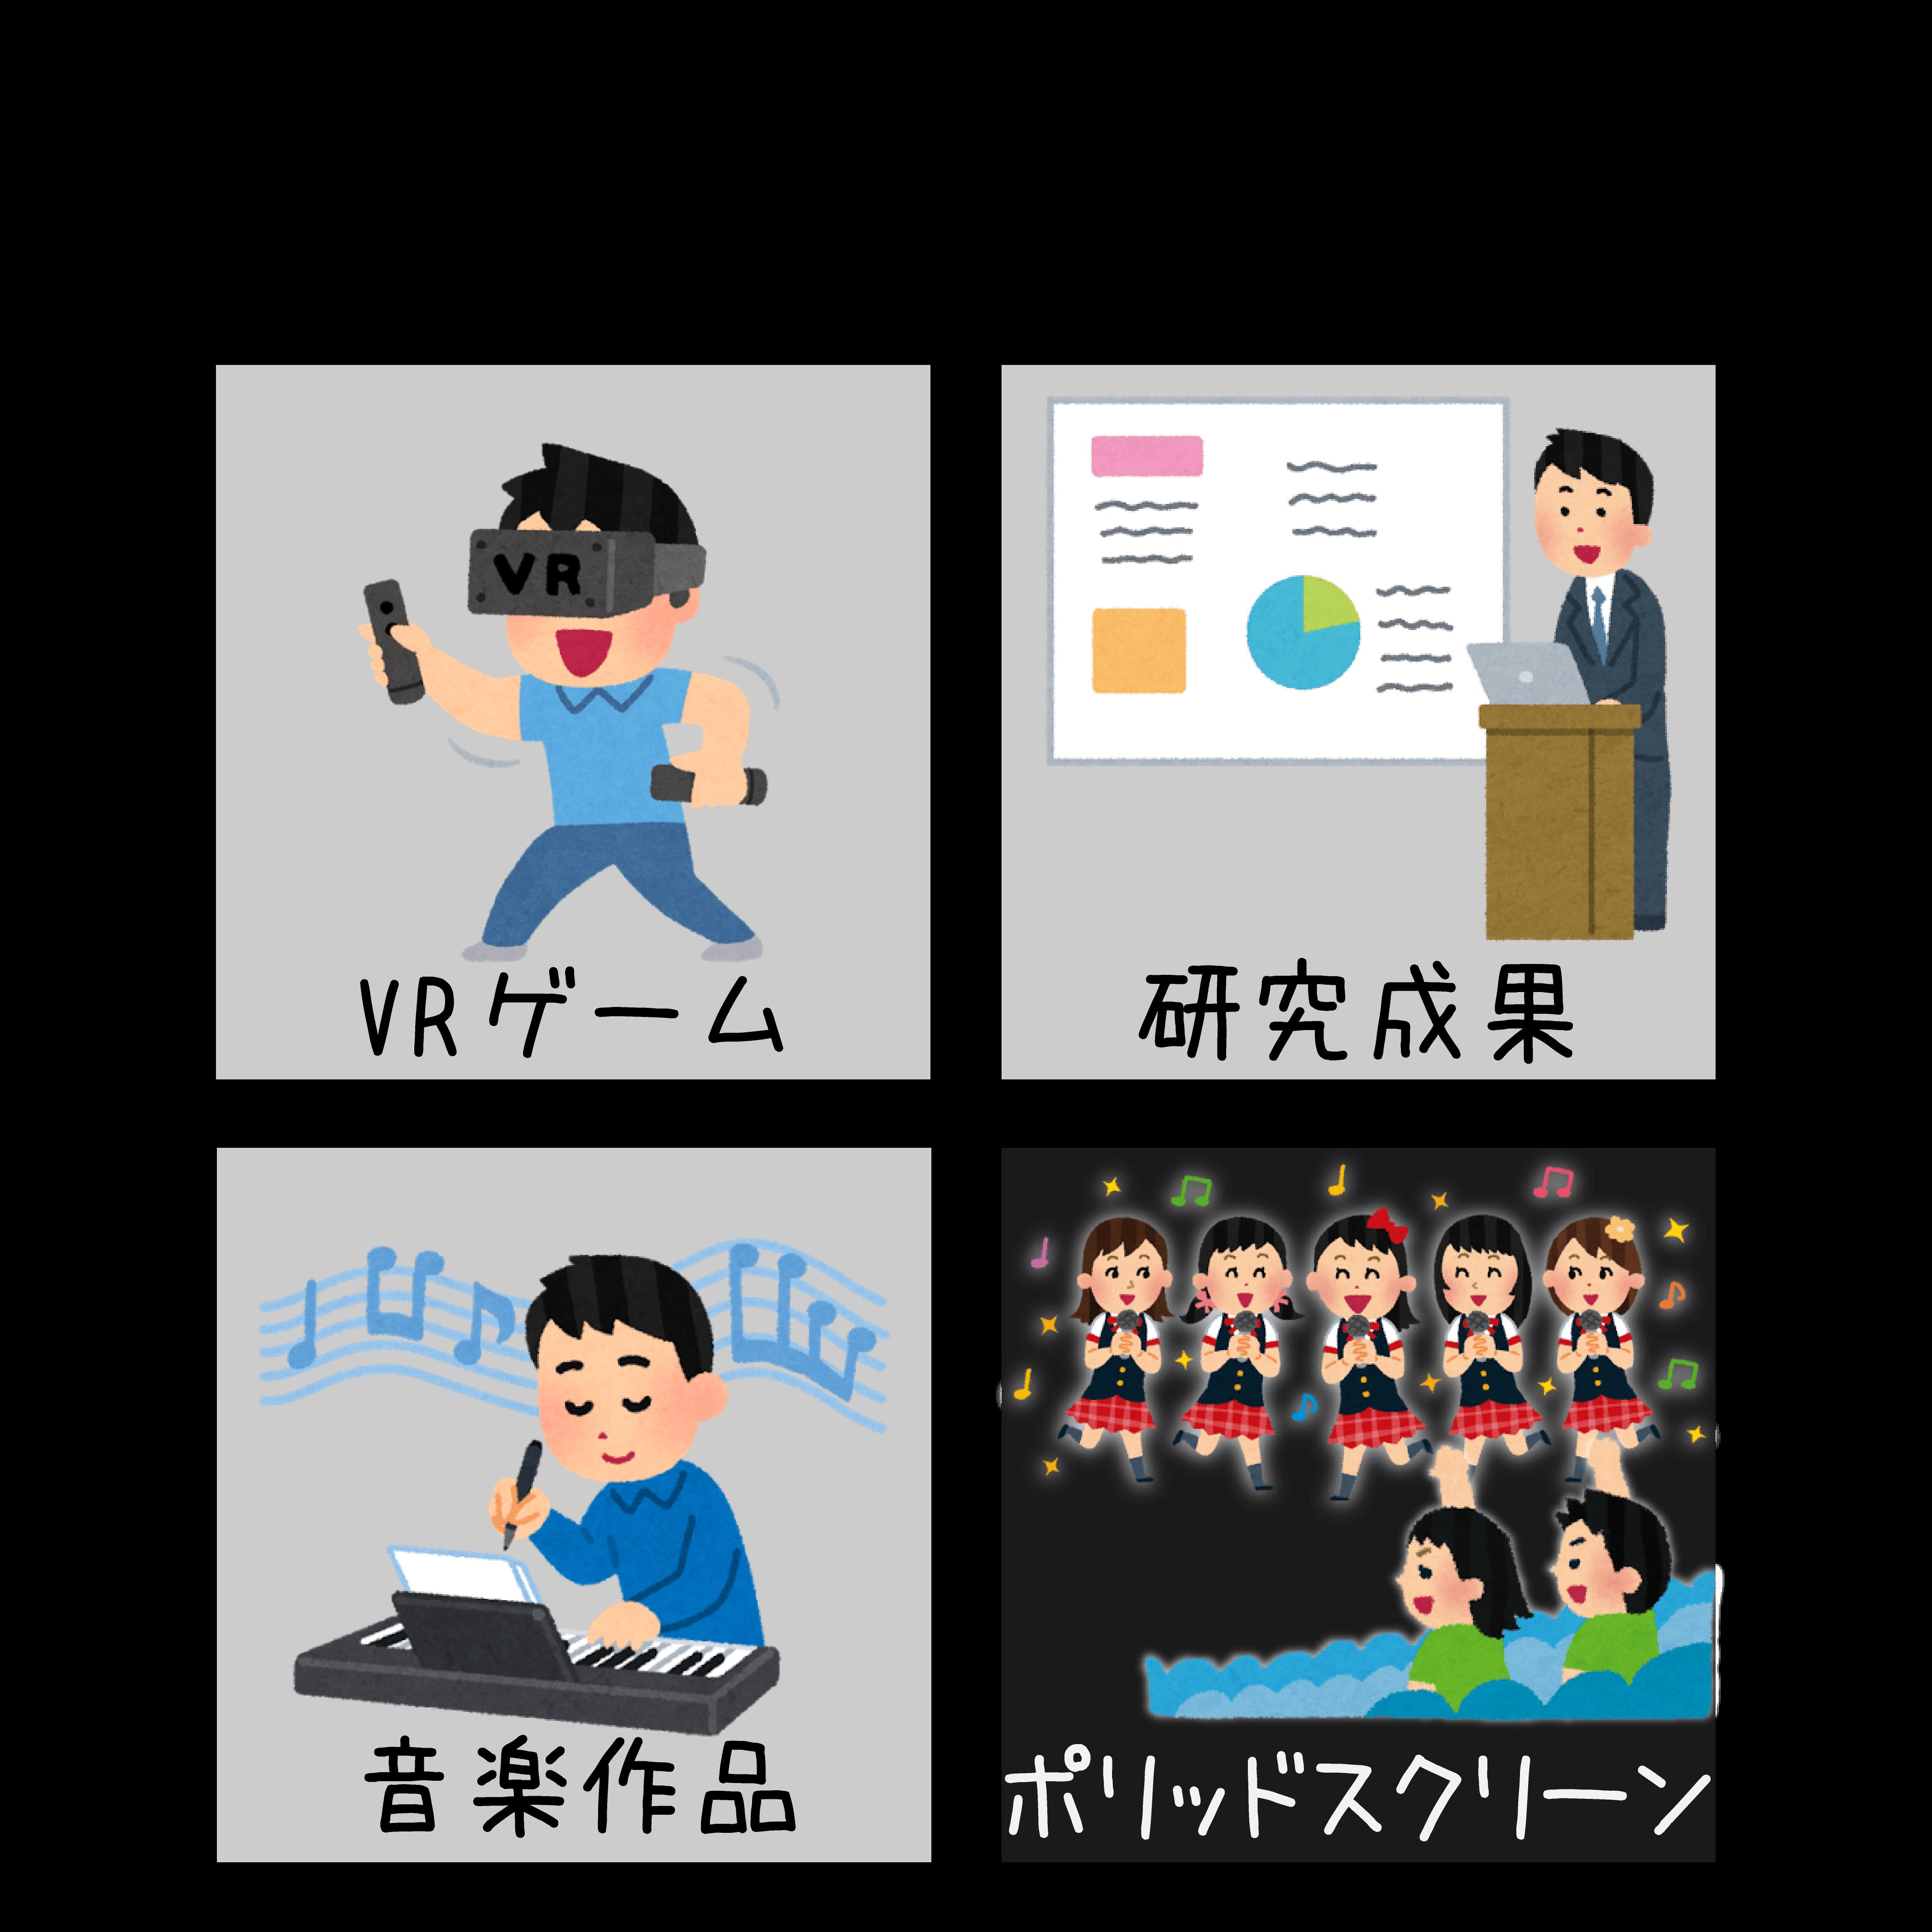 pamphlet_image kcs